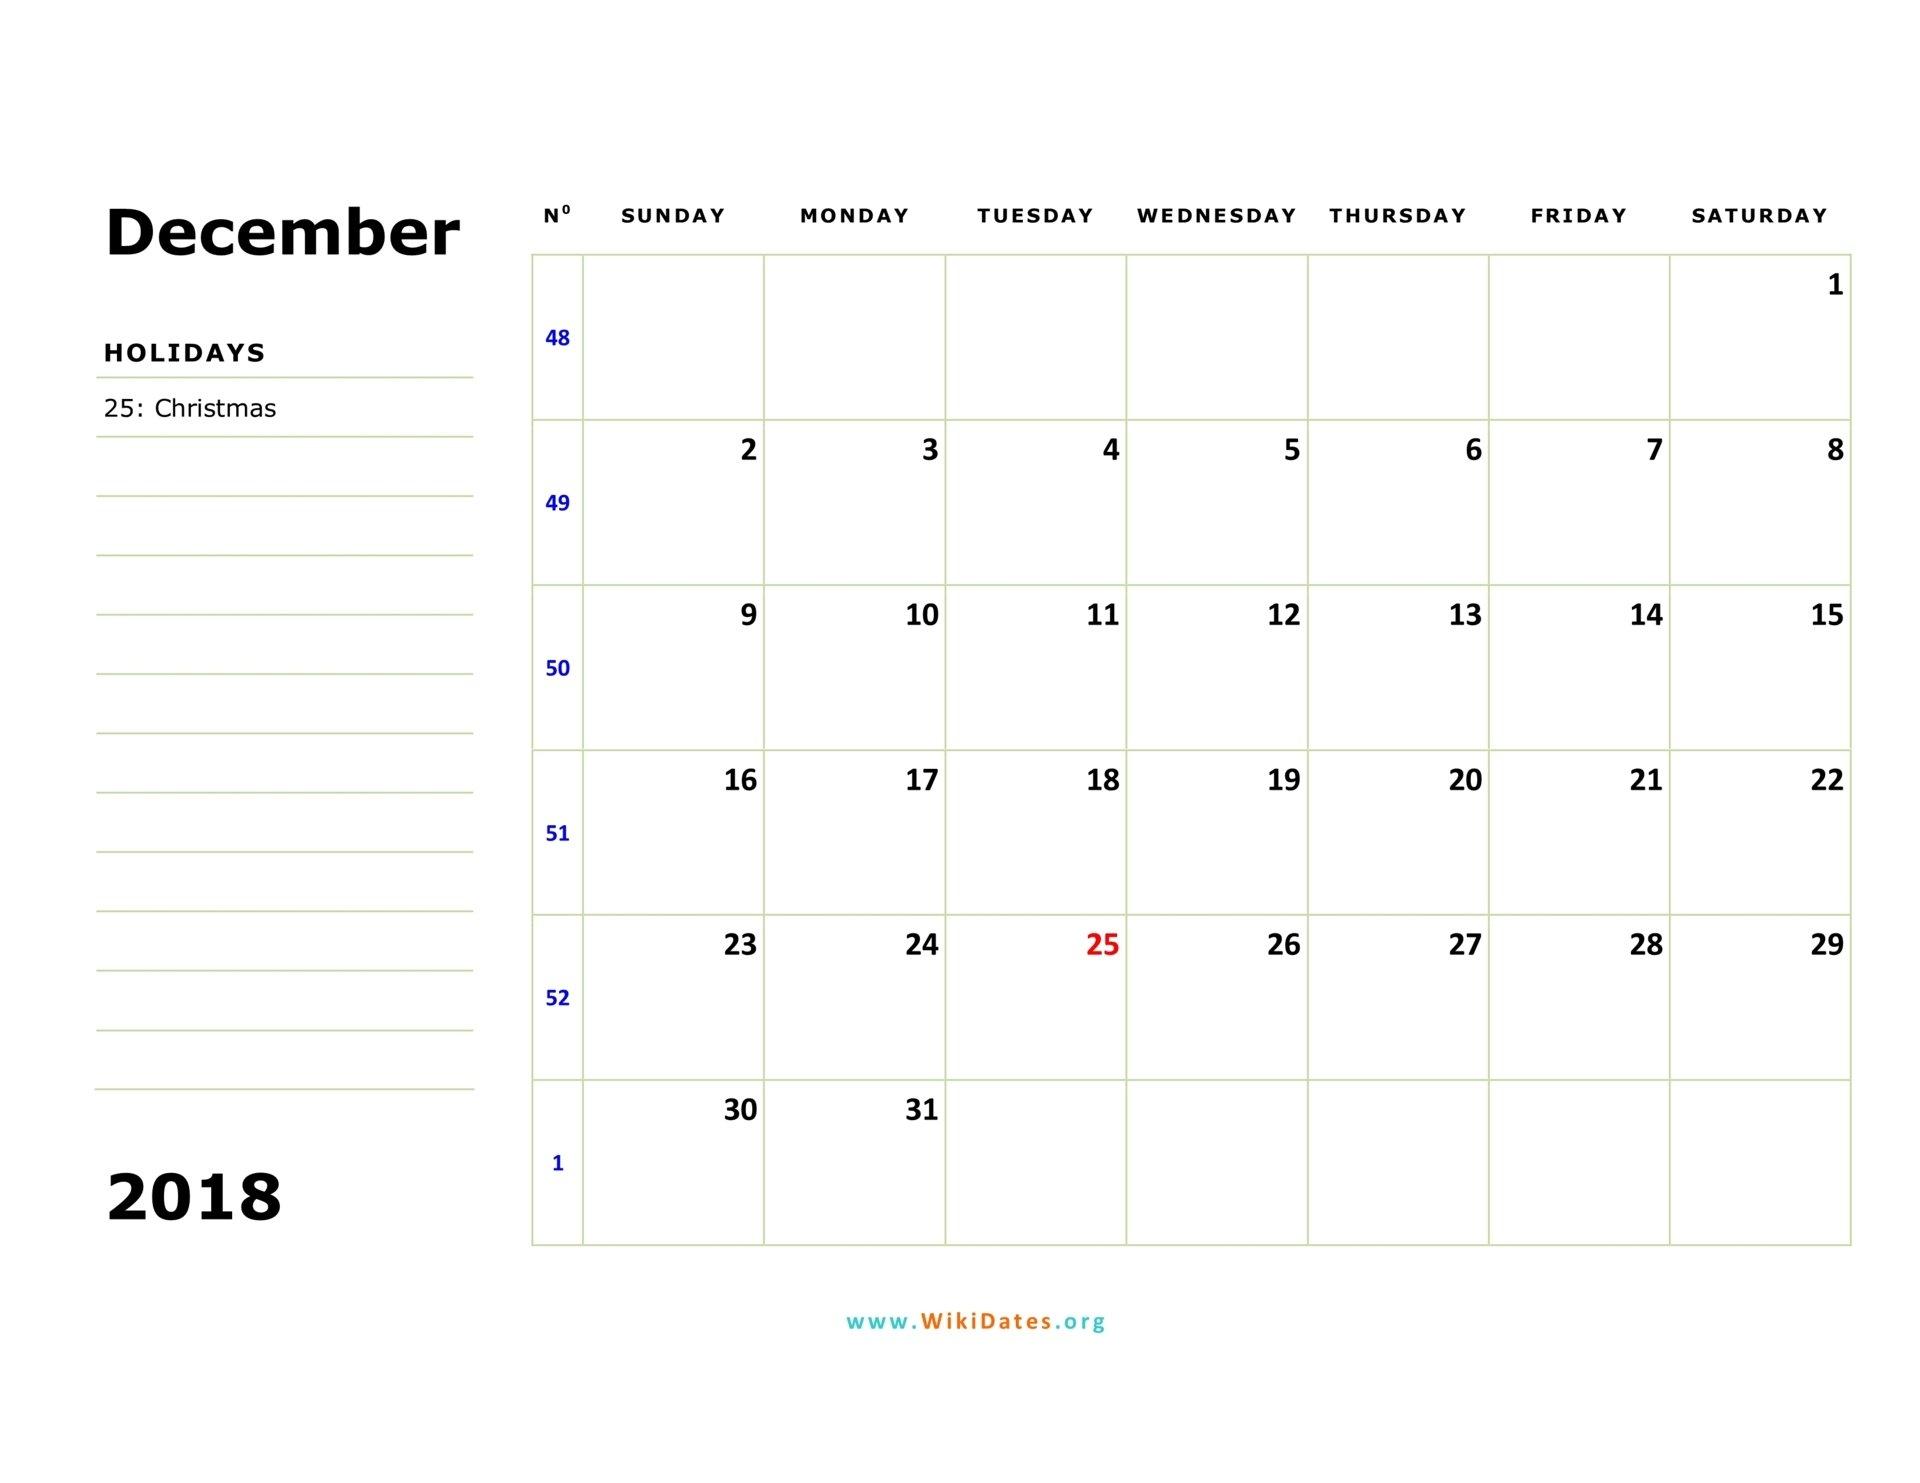 December 2018 Calendar | Wikidates Free Weekly Numbered 52 Week Calendar Printable